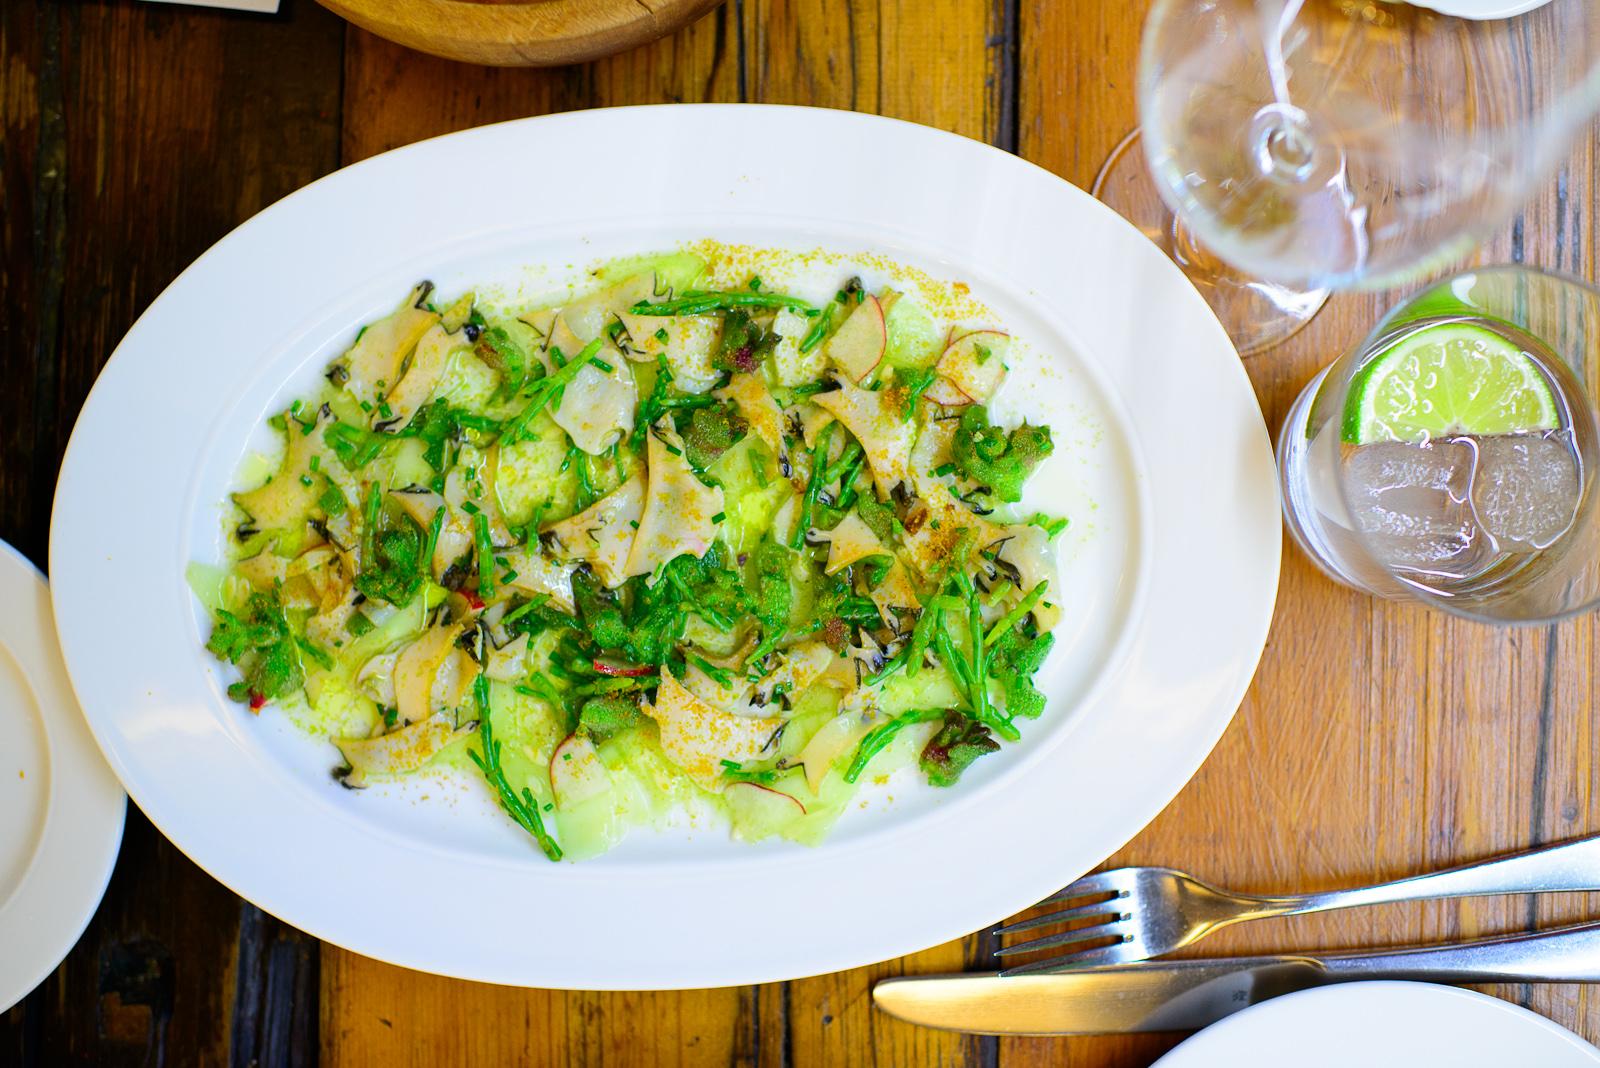 Tiradito de abulón fresco con pepino, limón, y salicornia (Sli